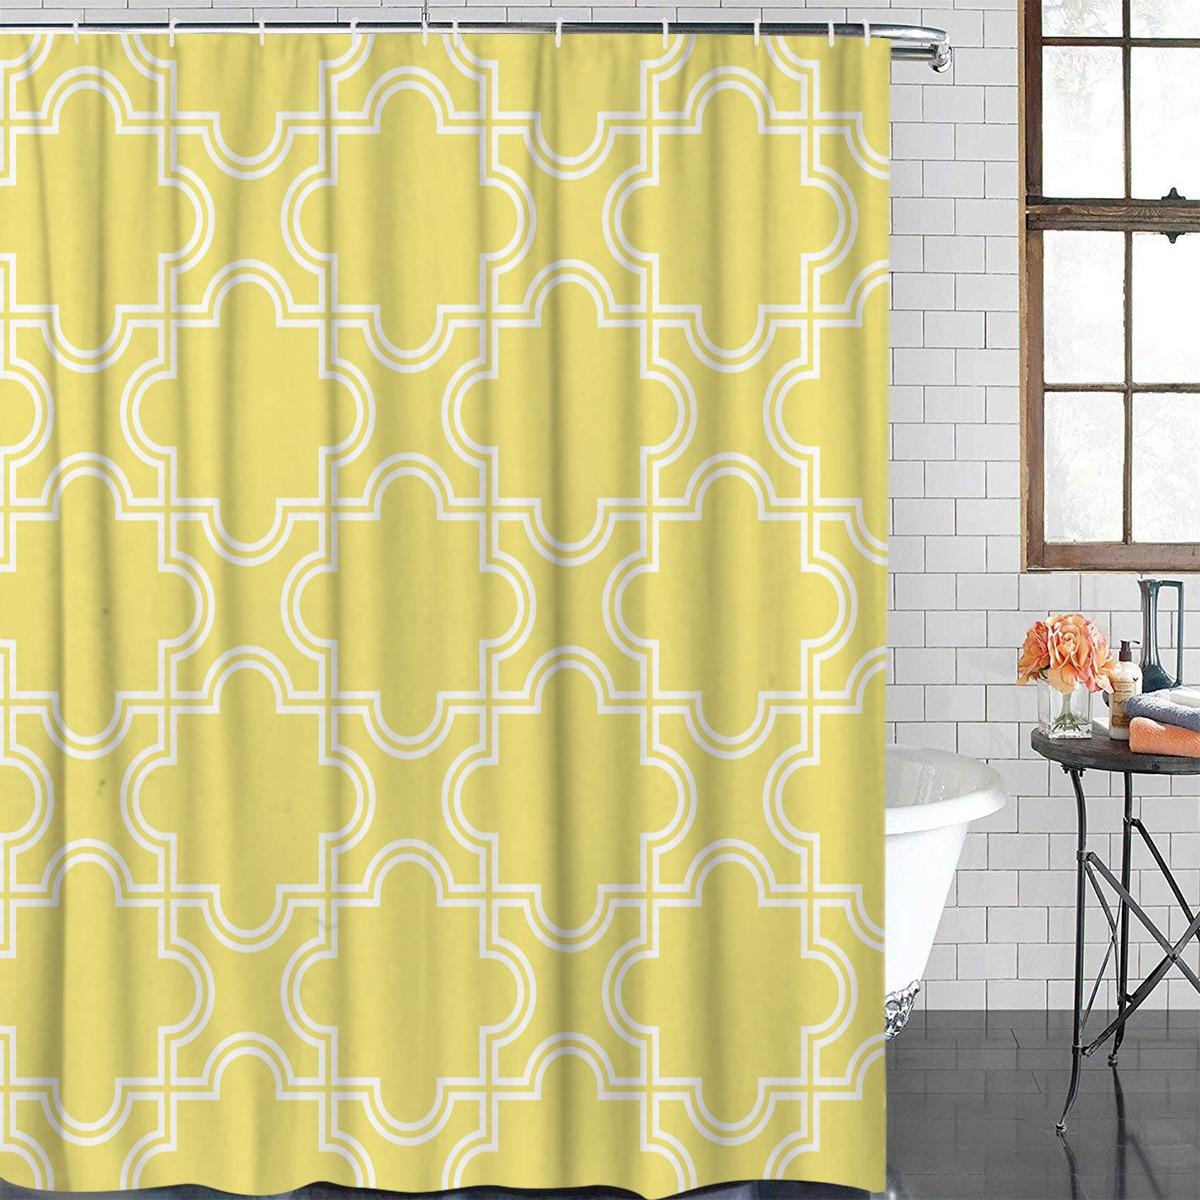 Dragón Chino Decoración Cuarto De Baño Tela Impermeable Forro de cortina de ducha Felpudo Alfombra